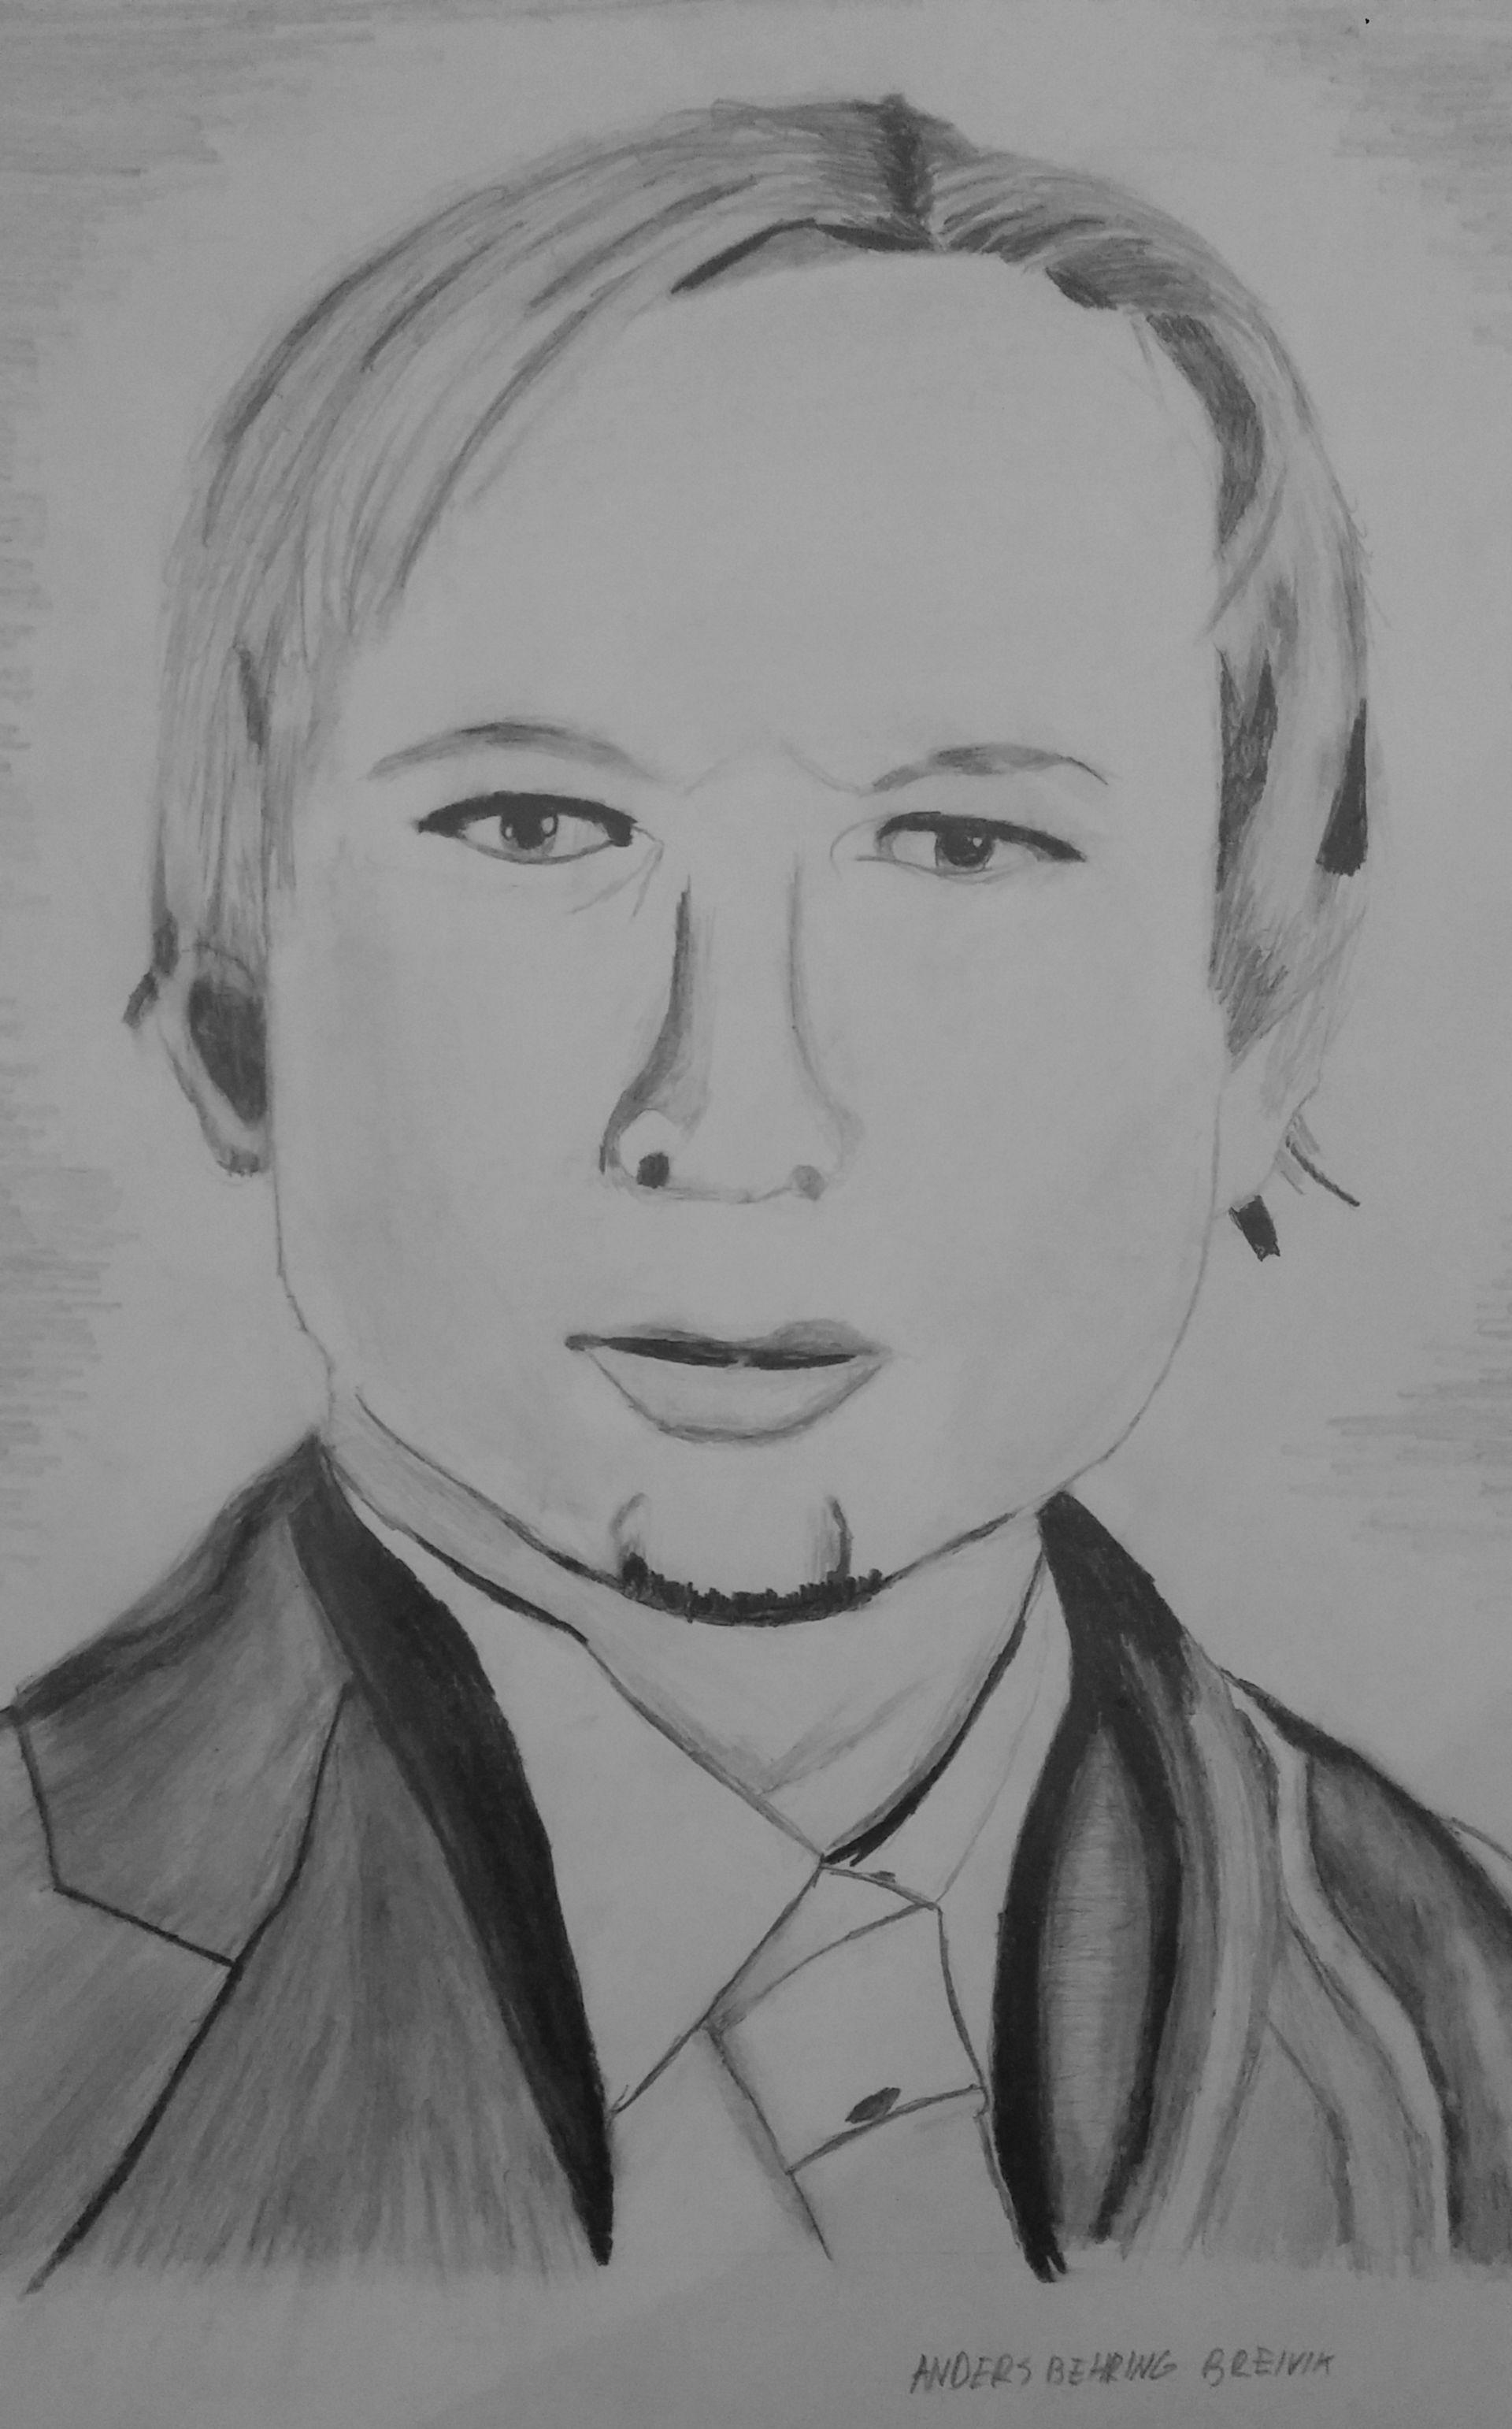 anders breivik Anders behring breivik /ˈɑndəʂ ˈbeːɾiŋ ˈbɾɛɪʋiːk/ (n 13 de febrero de 1979), sistema de registro noruego, visto el 23 de julio de 2011 conocido como.